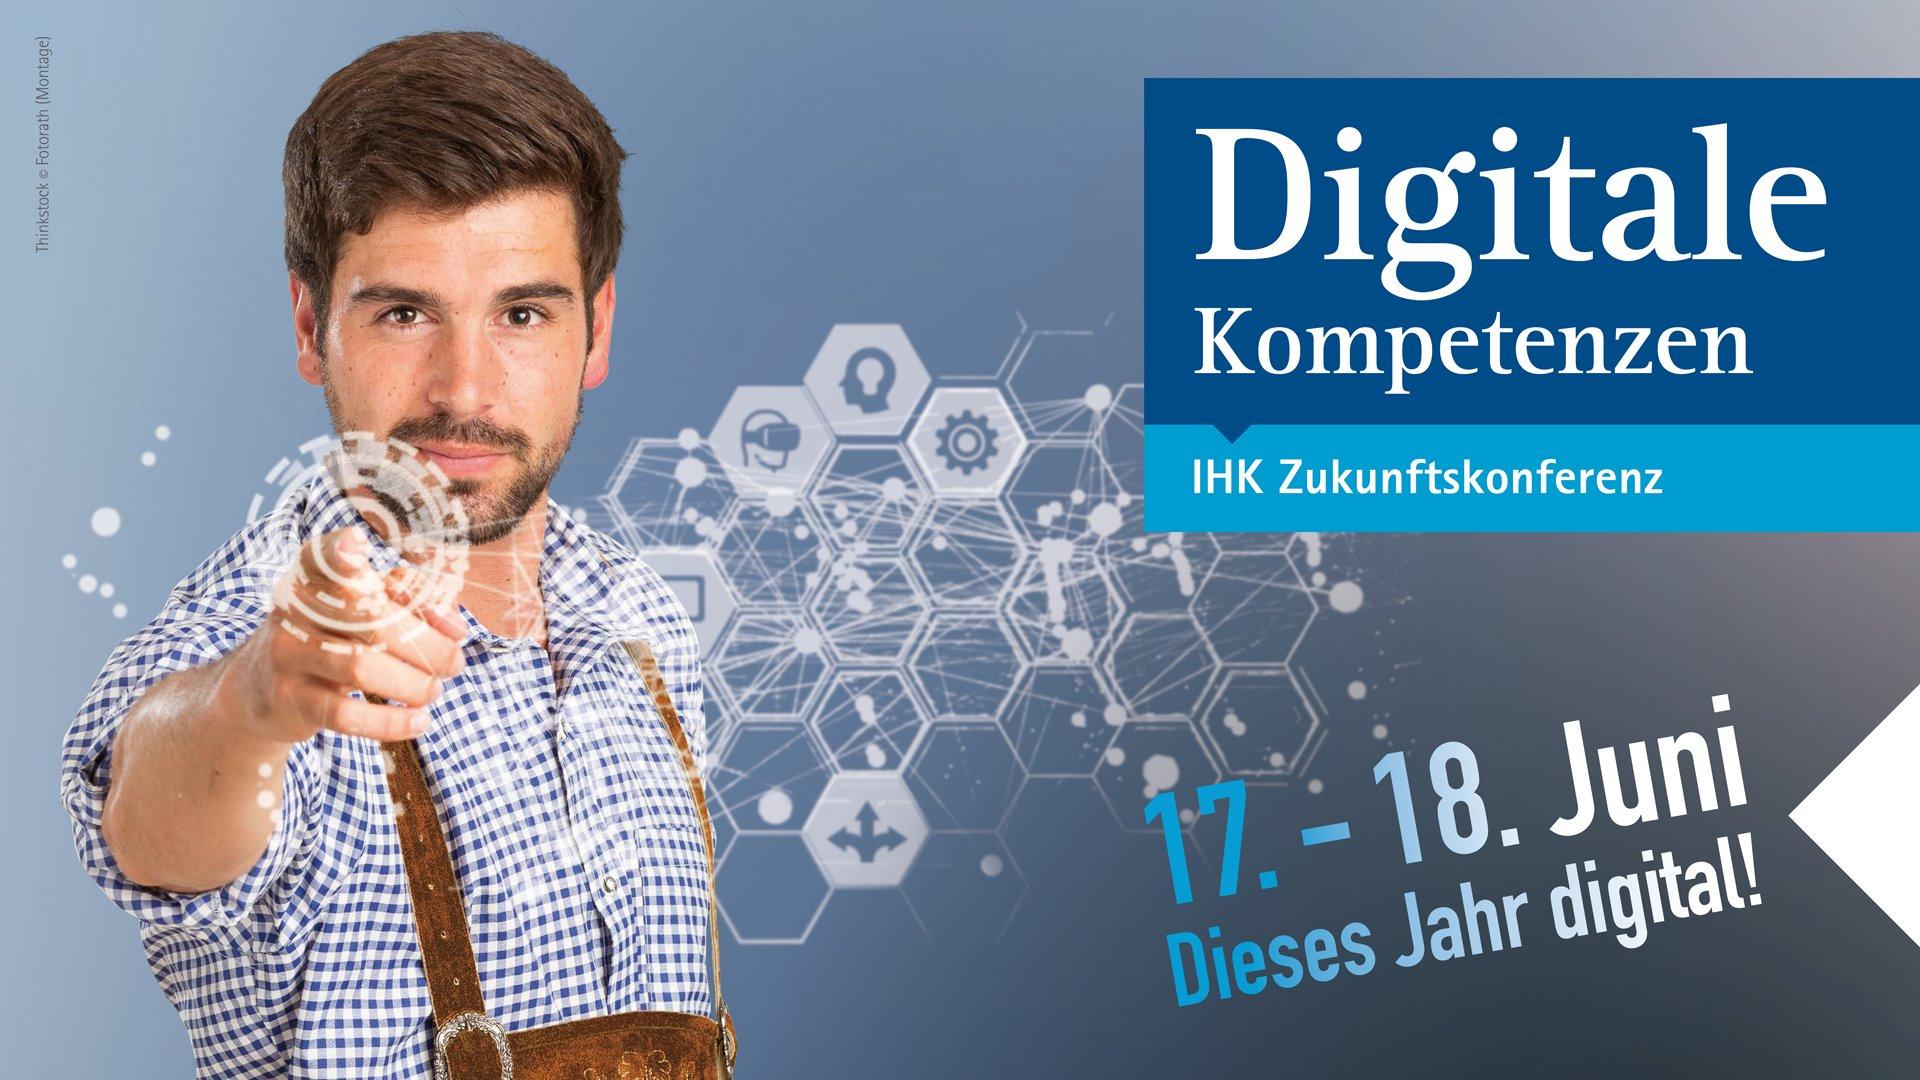 IHK_Zukunftskonferenz_2020-06-18